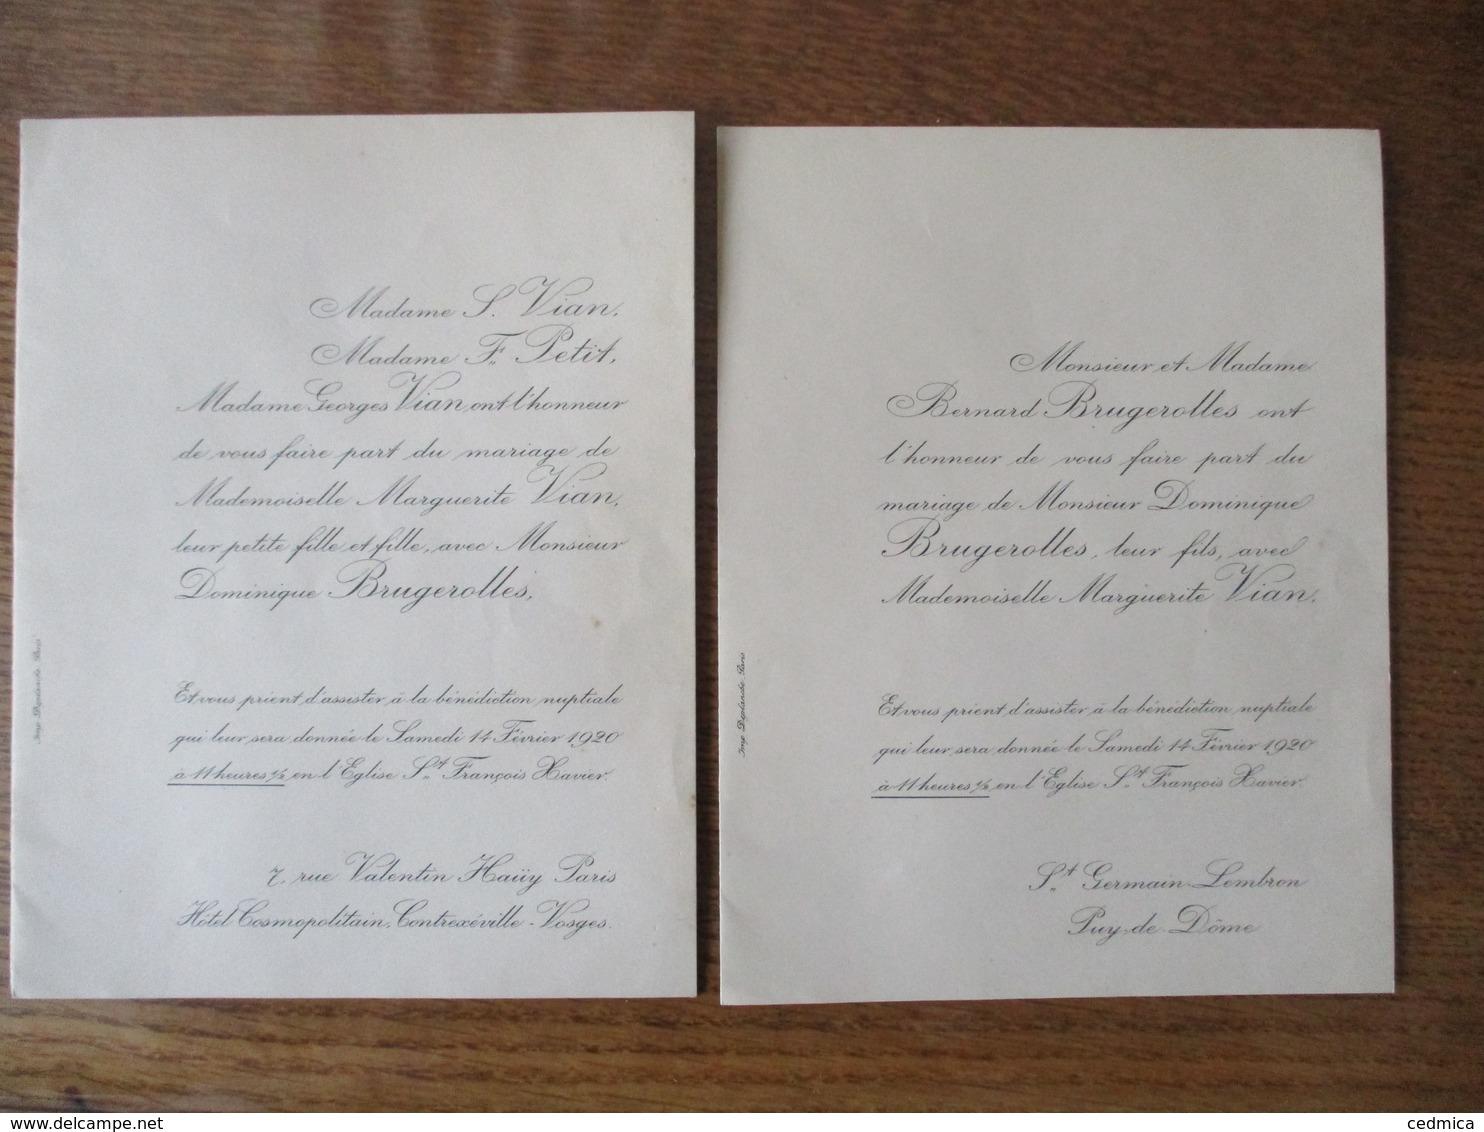 14 FEVRIER 1920 EGLISE St FRANCOIS XAVIER MADEMOISELLE MARGUERITE VIAN ET MONSIEUR DOMINIQUE BRUGEROLLES - Mariage